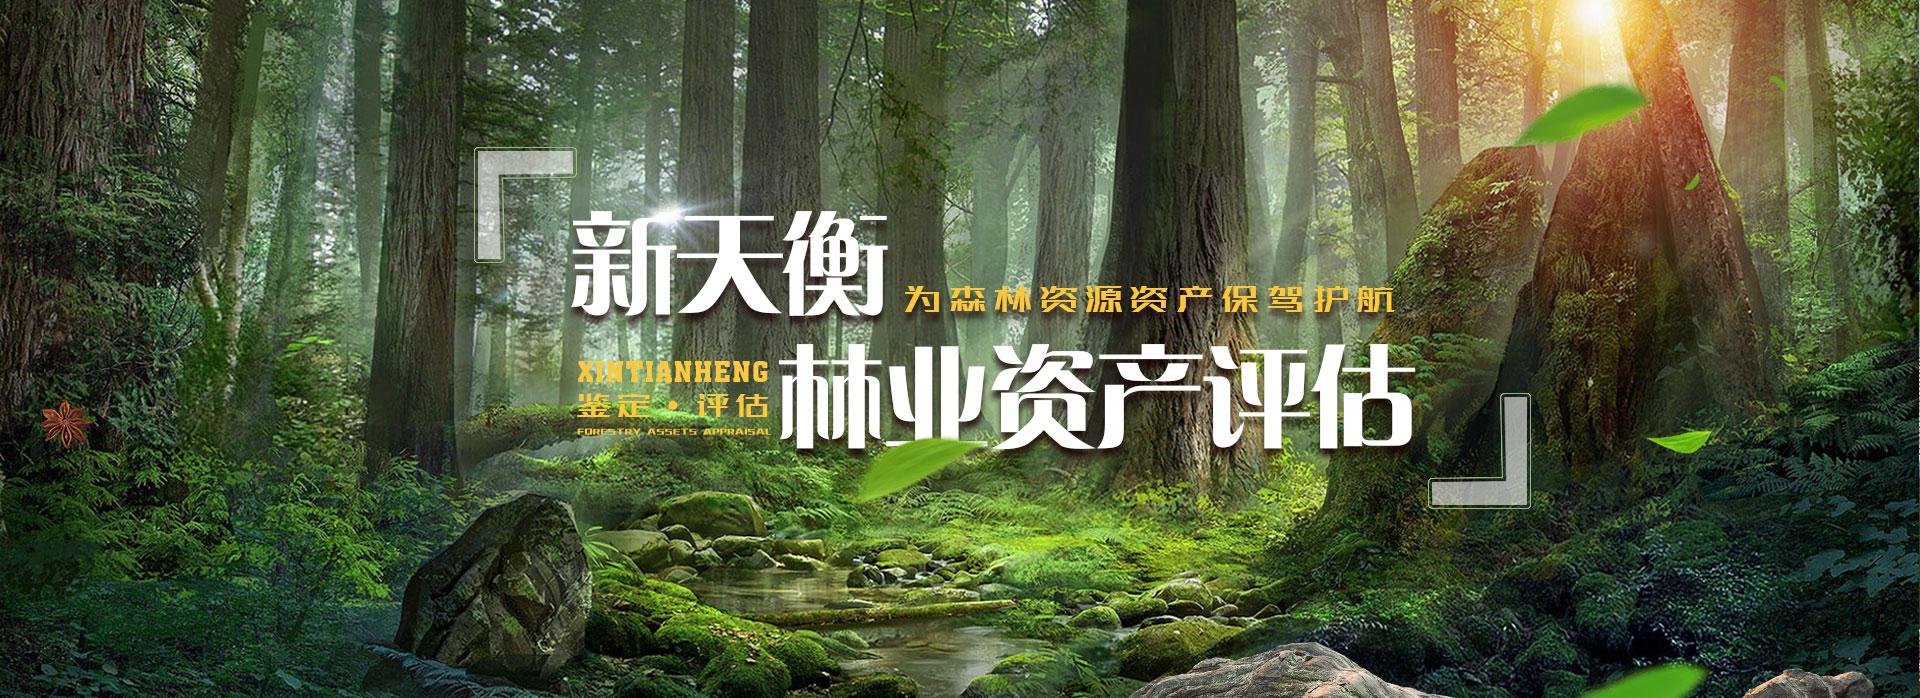 森林资源资产价格评估